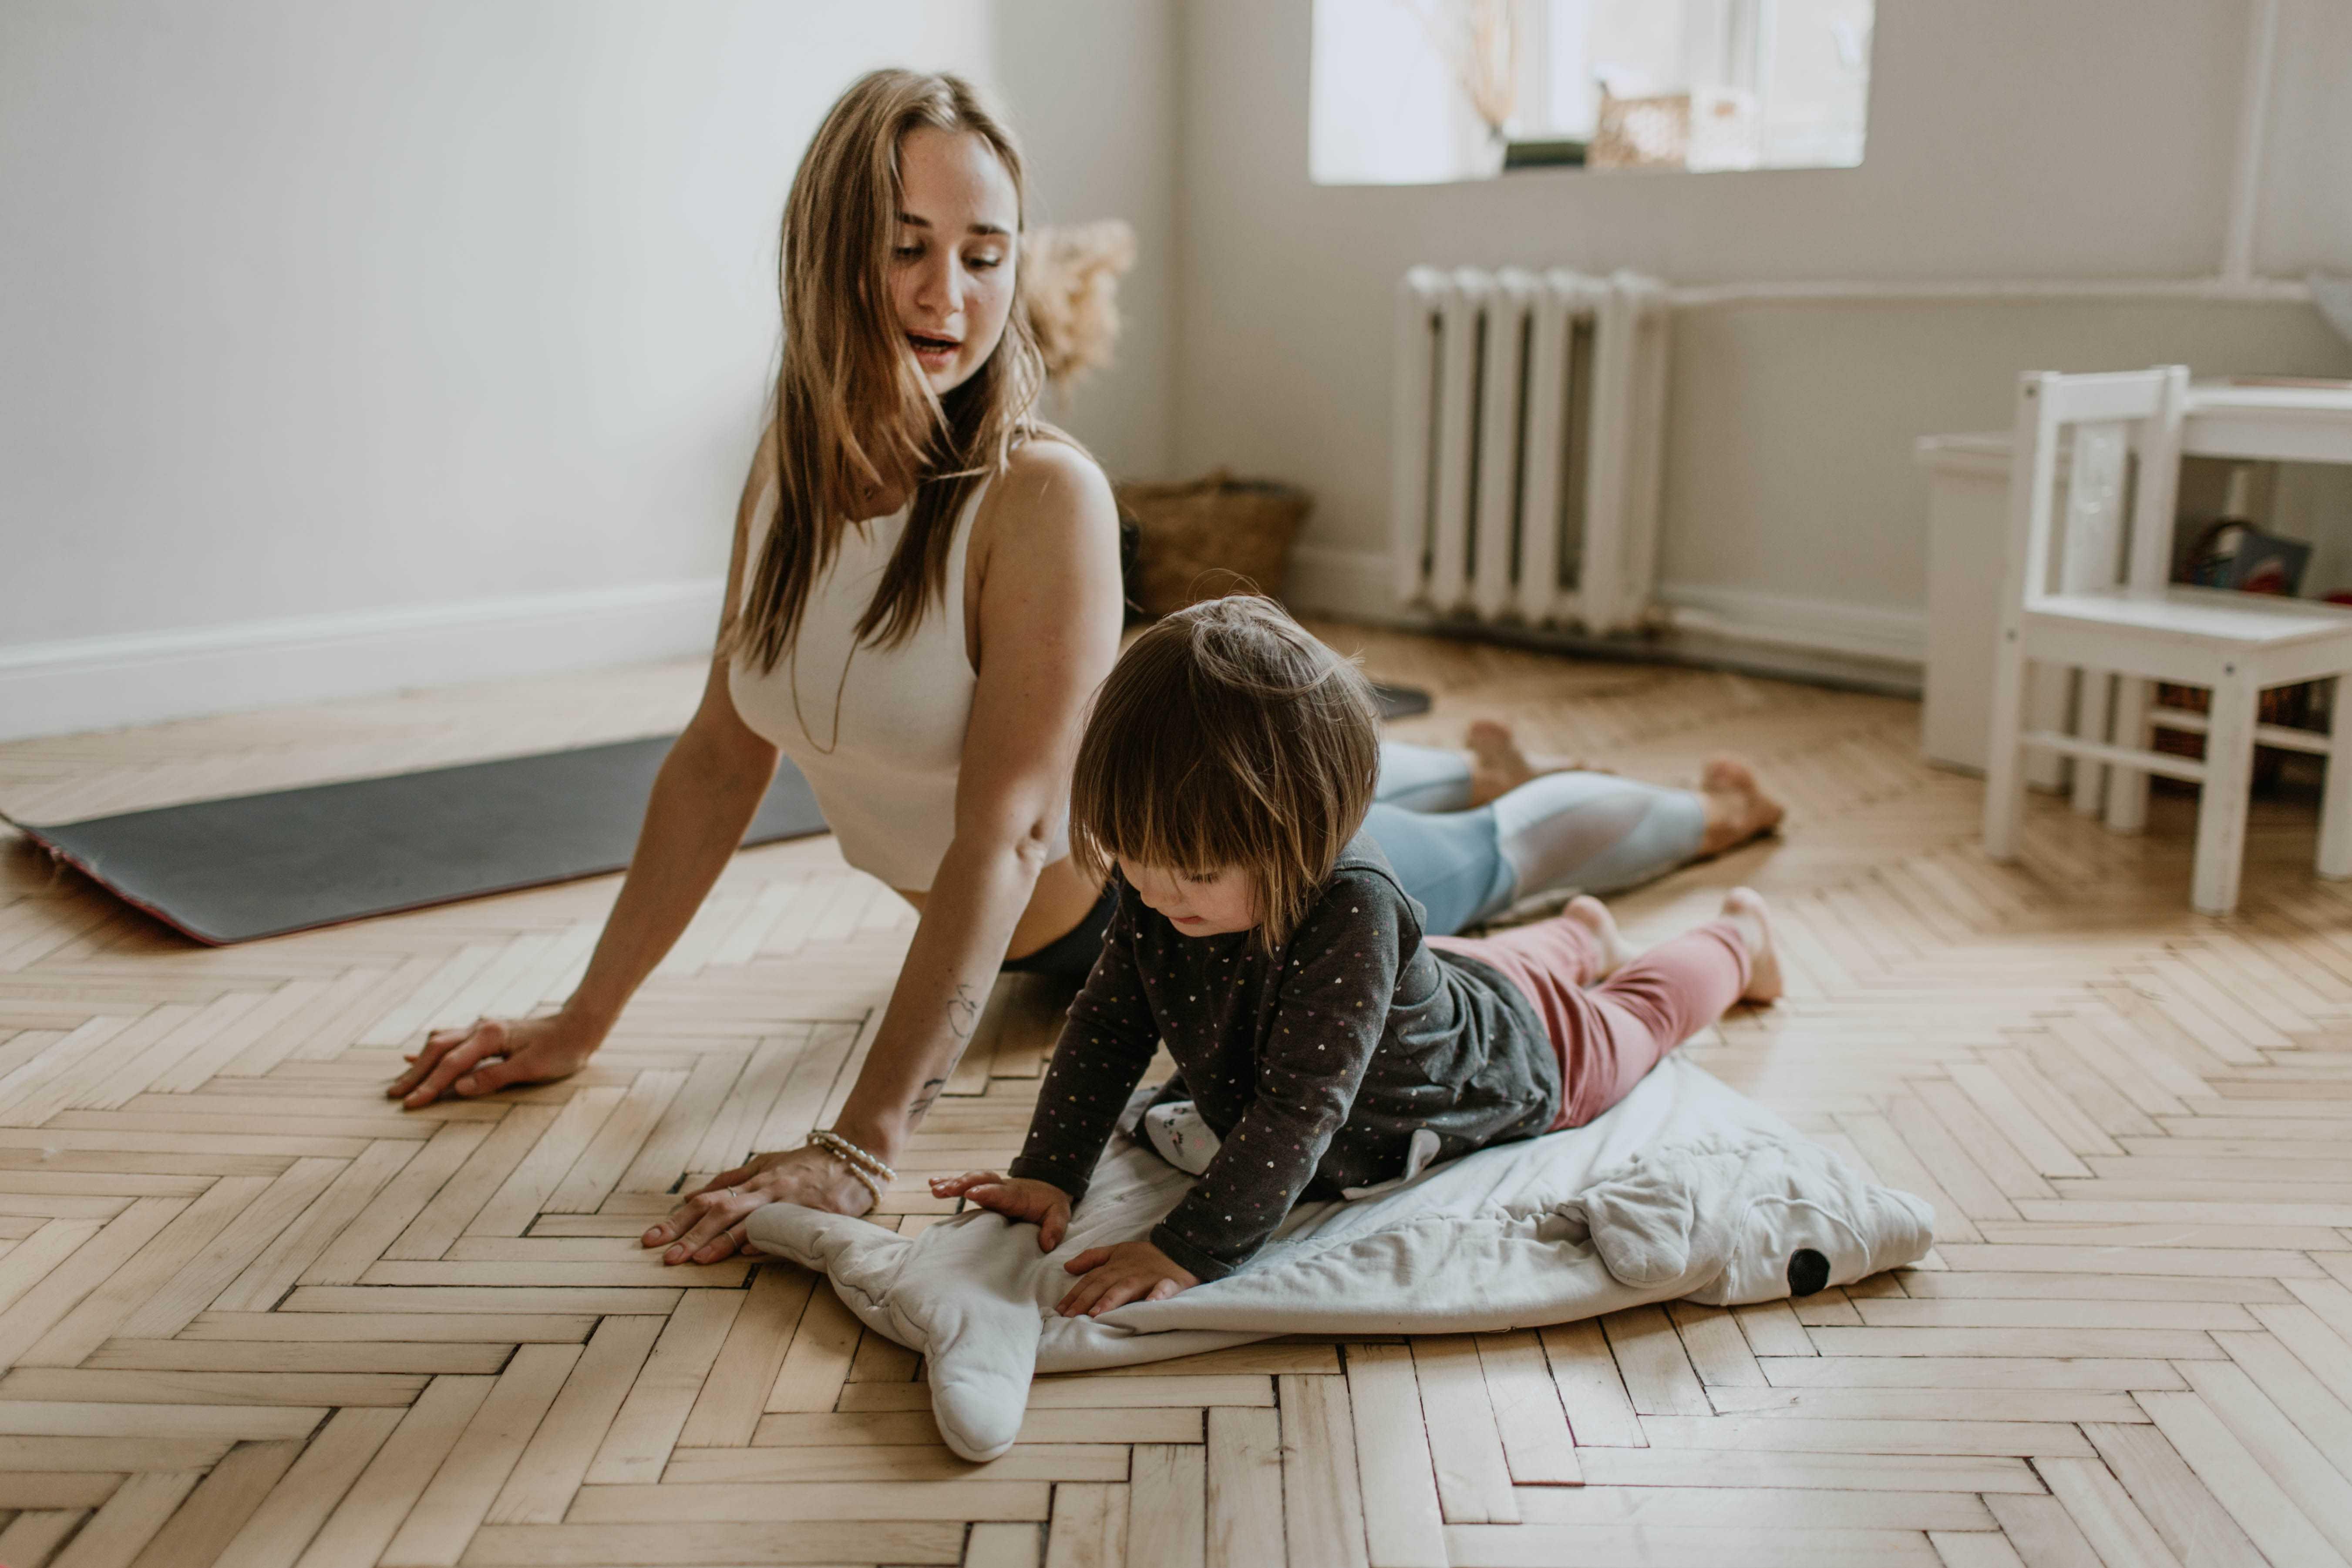 Exercícios físico em casa com a família